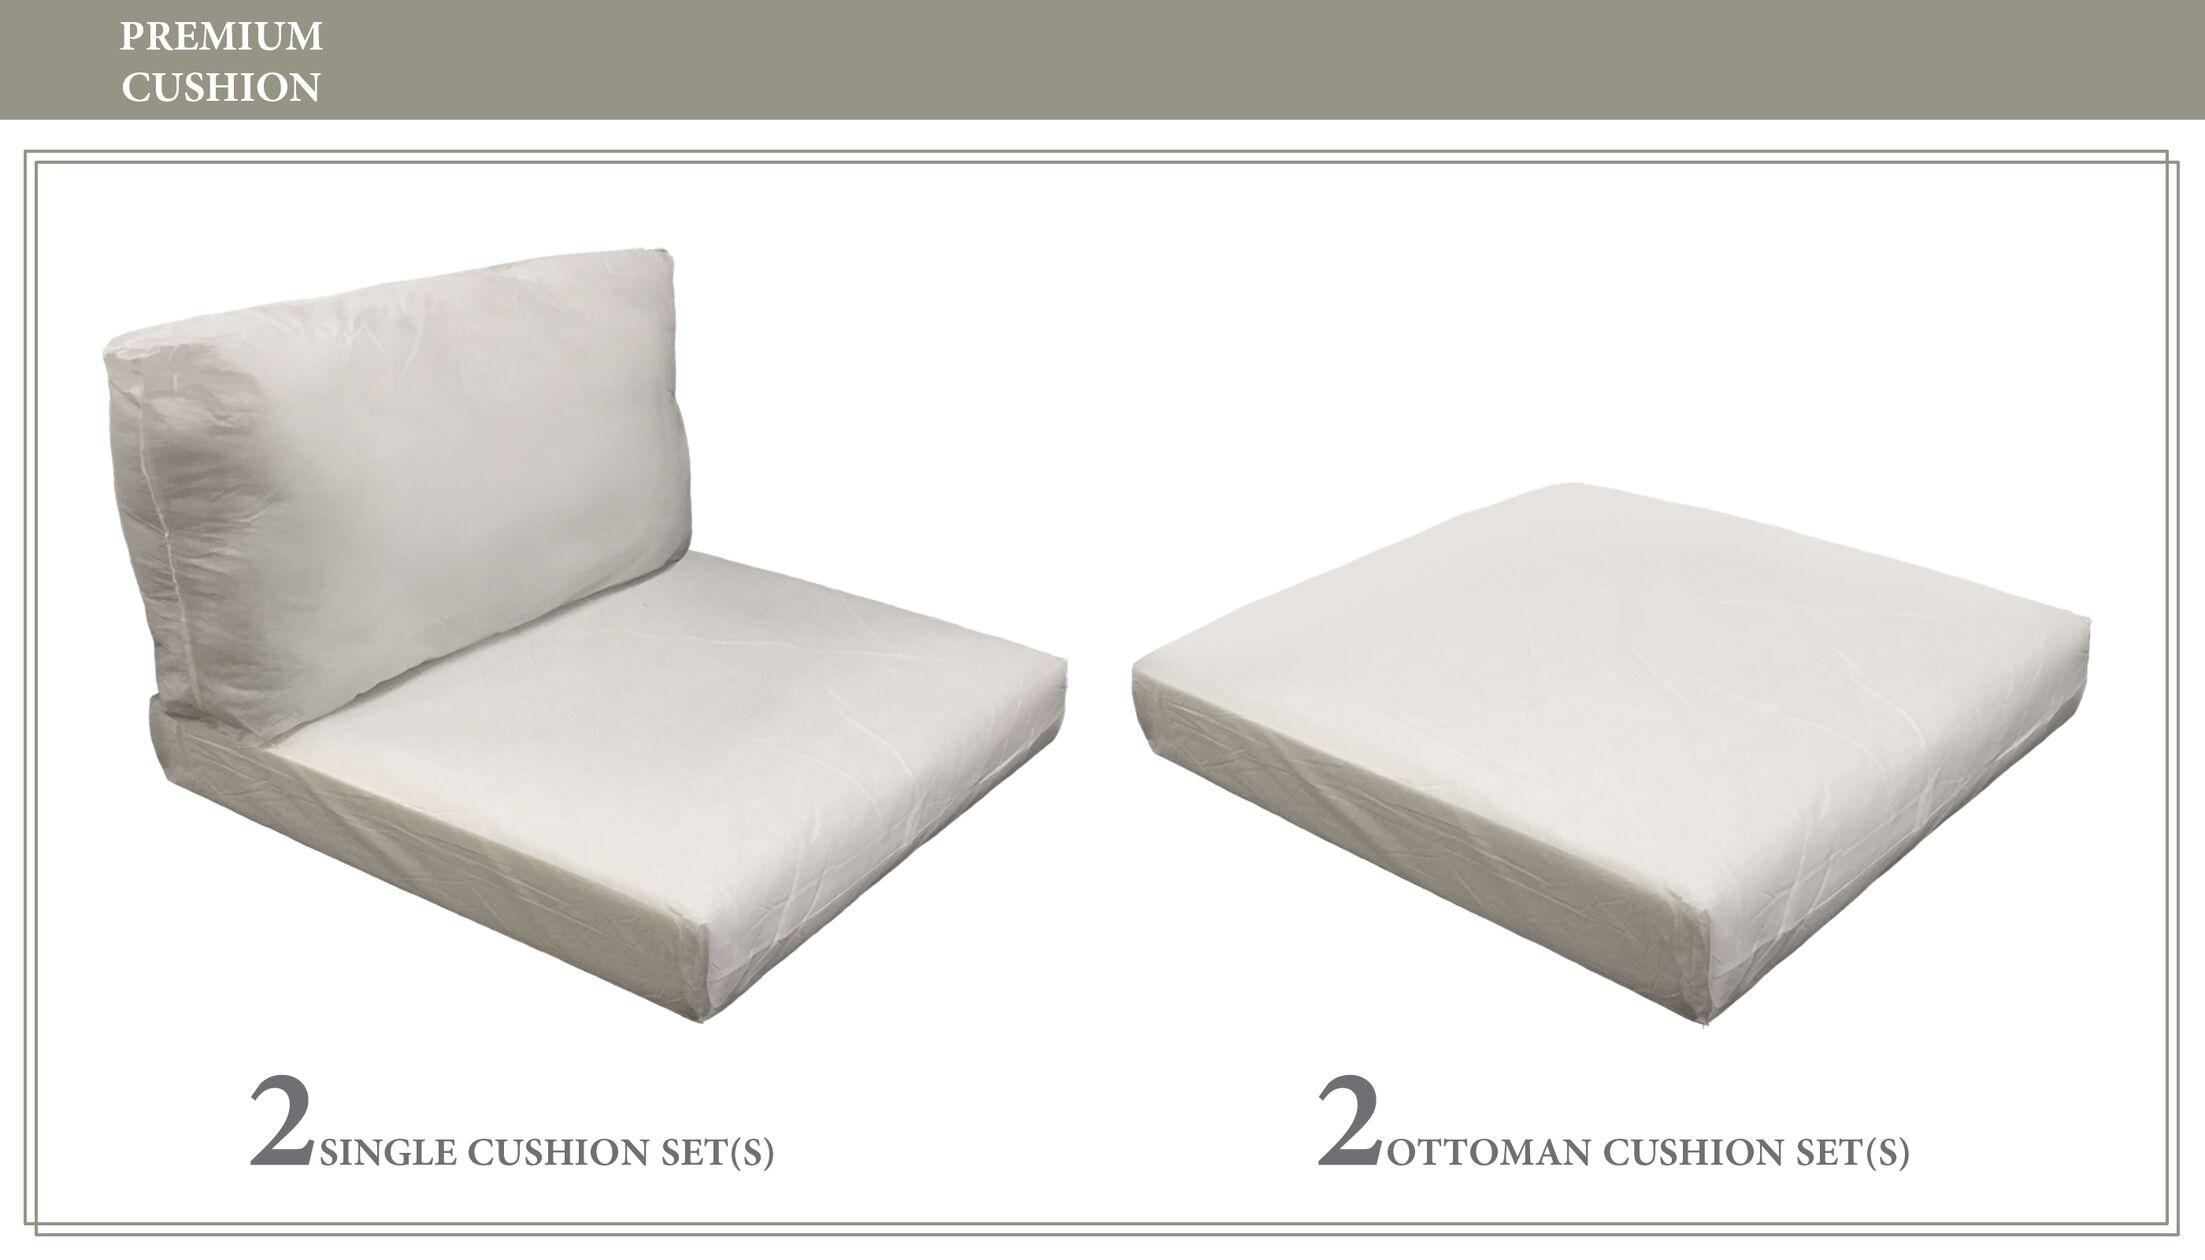 Monterey 6 Piece Outdoor Cushion Set